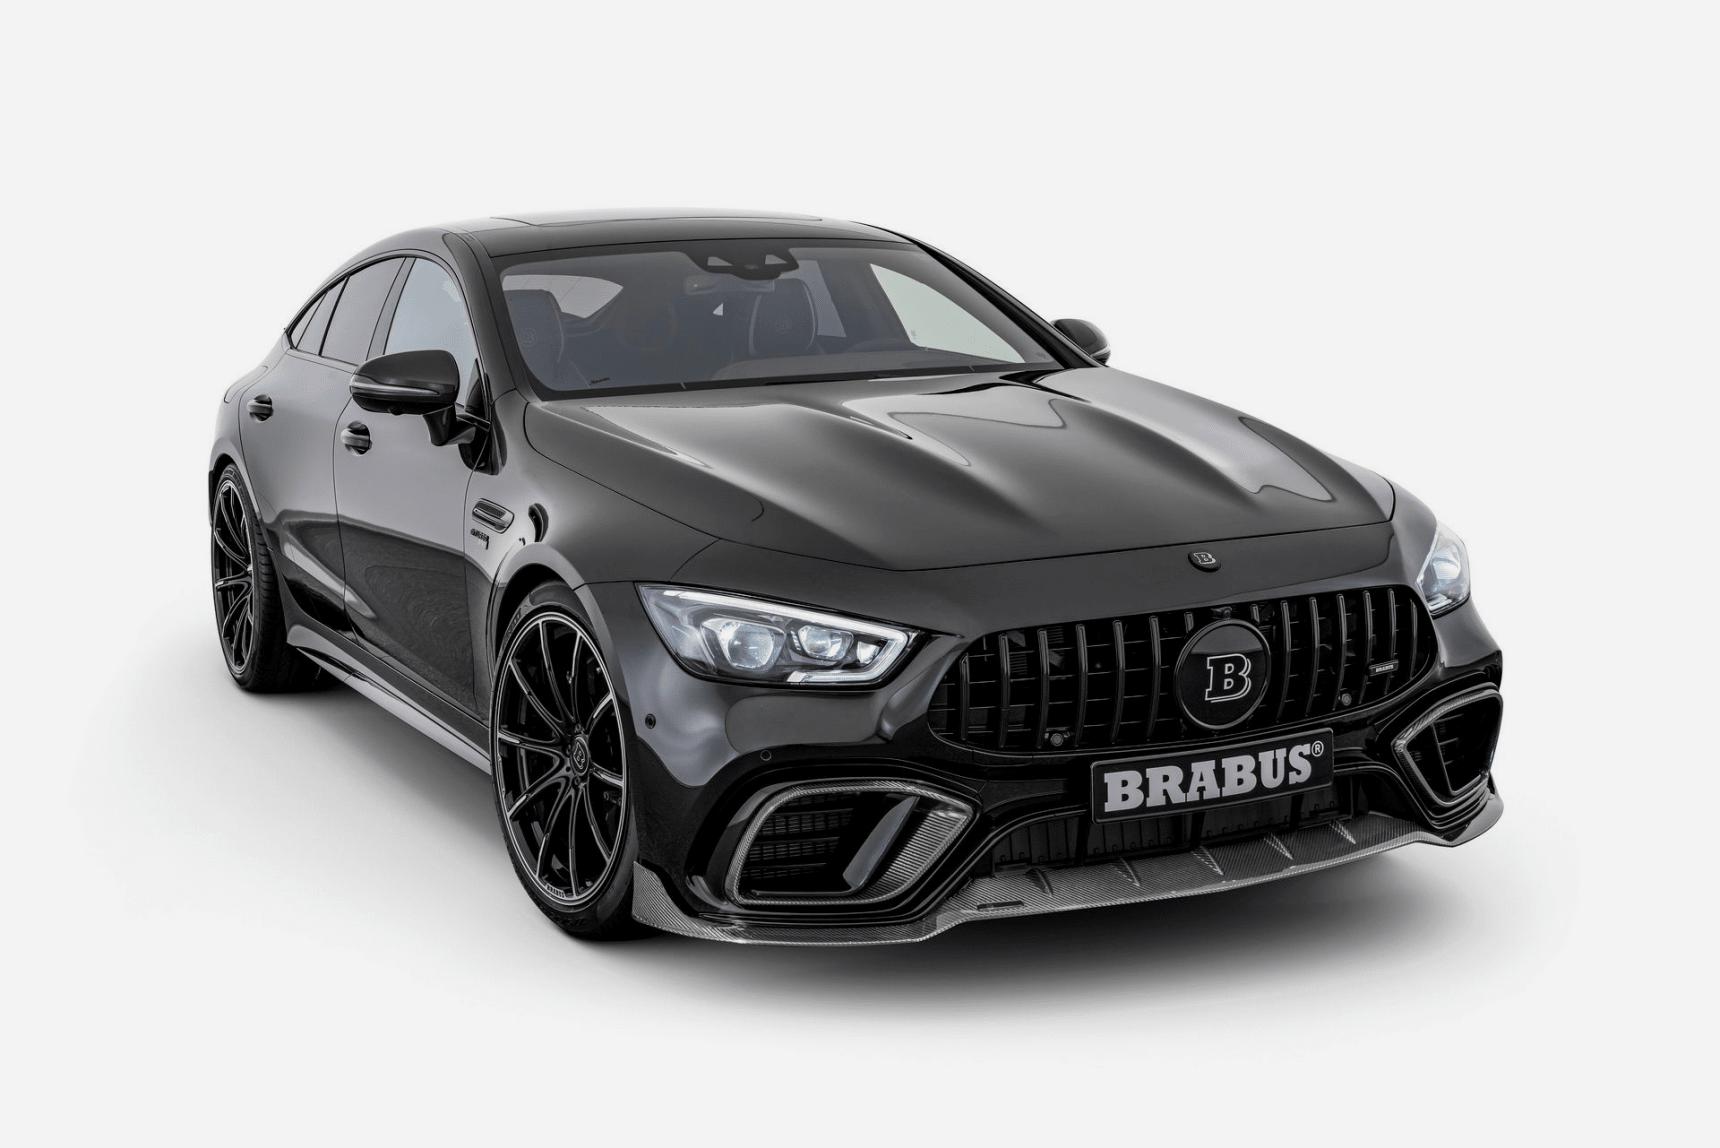 Der Brabus 800 auf Basis des Mercedes-AMG GT 63 S 4MATIC+ 1